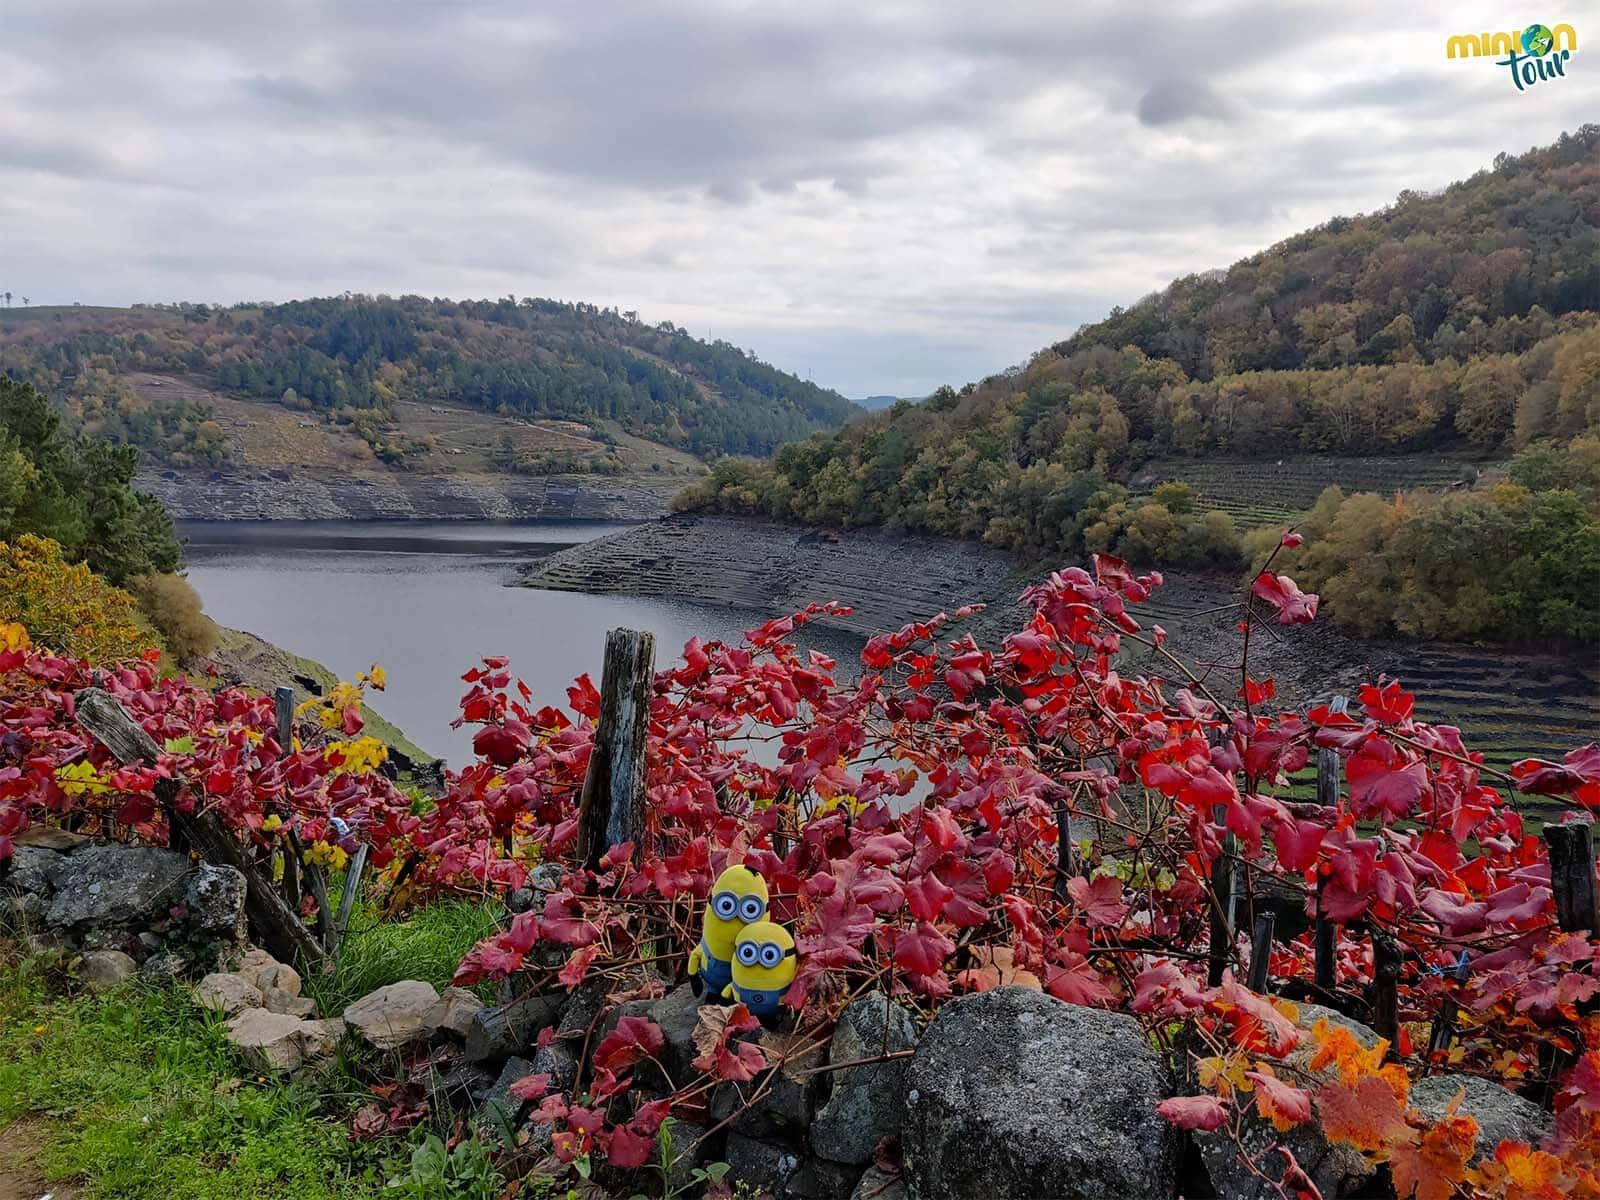 Posando con los viñedos de la Ribeira Sacra en nuestra ruta hacia Castro Candaz